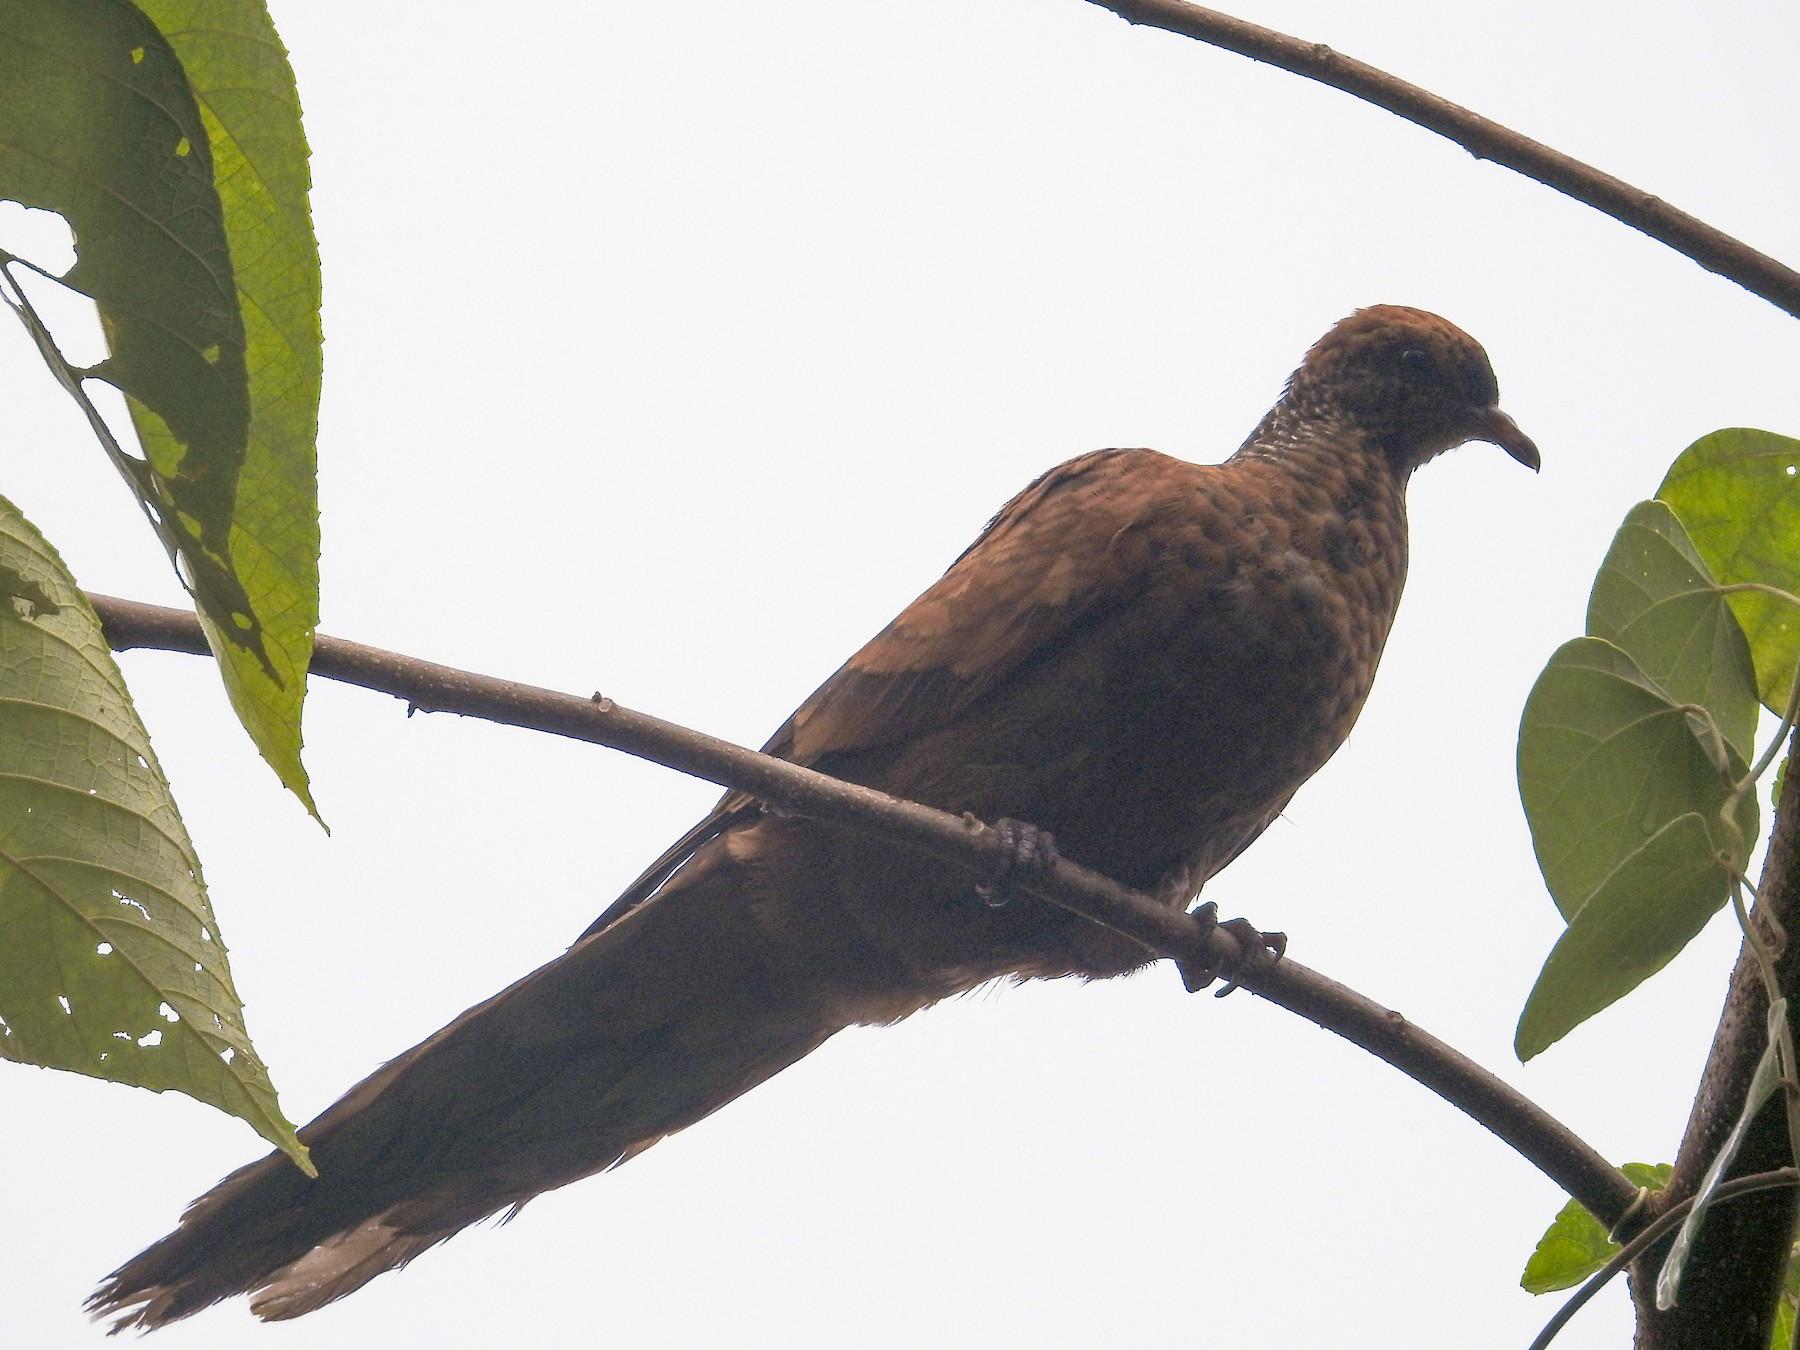 Barusan Cuckoo-Dove - Pam Rasmussen